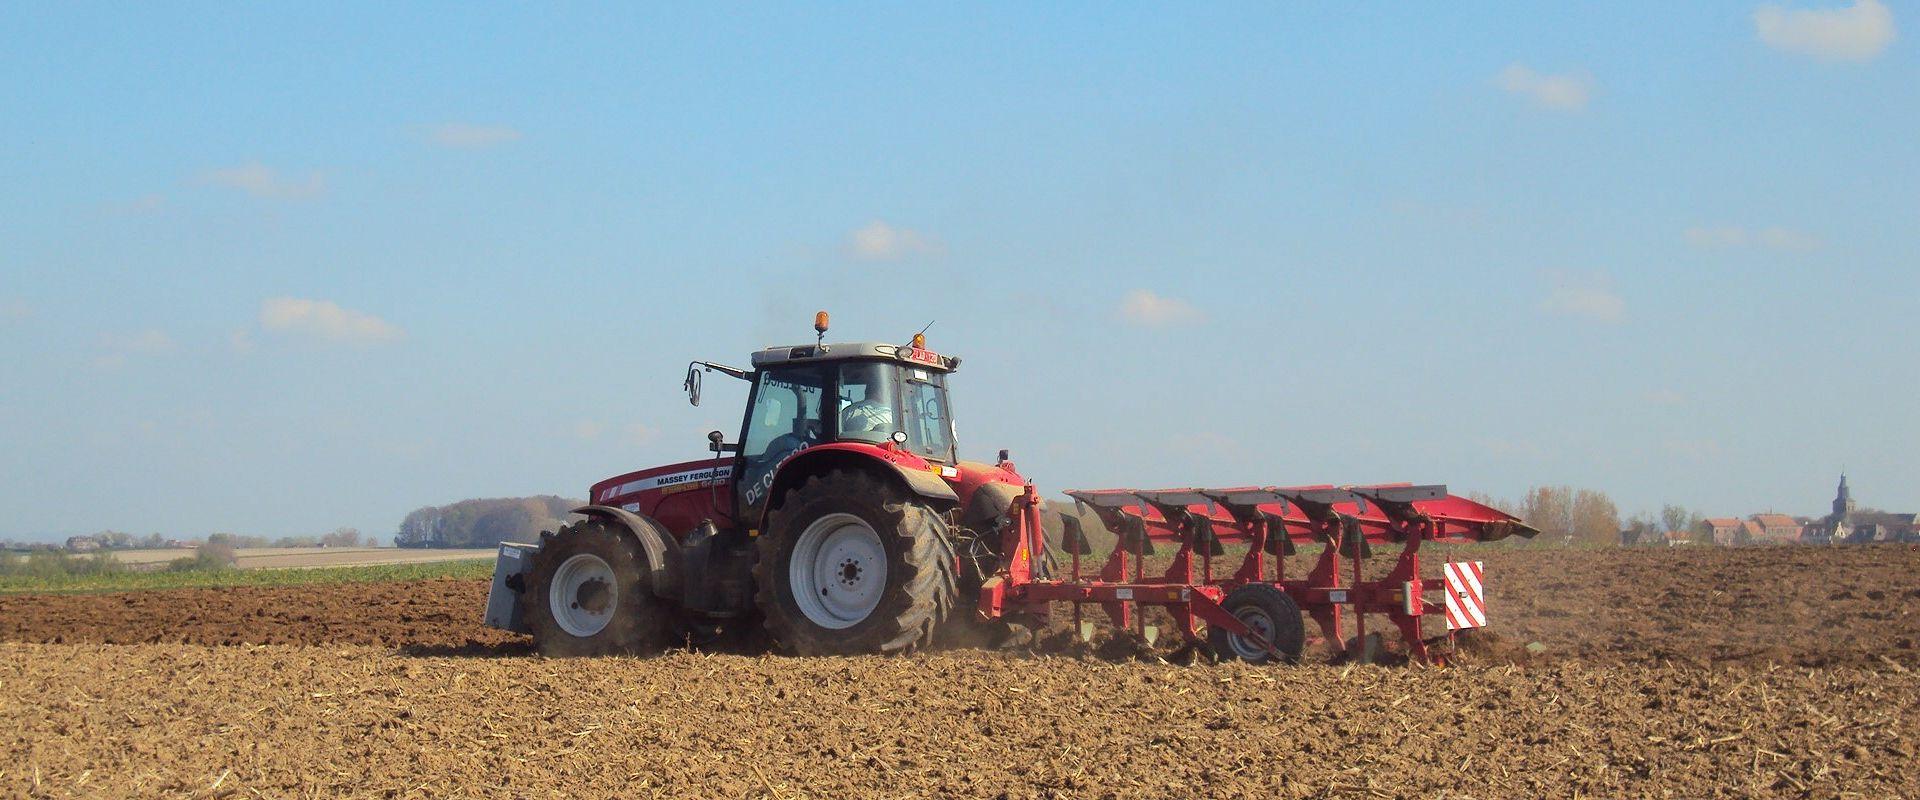 ploegen landbouw